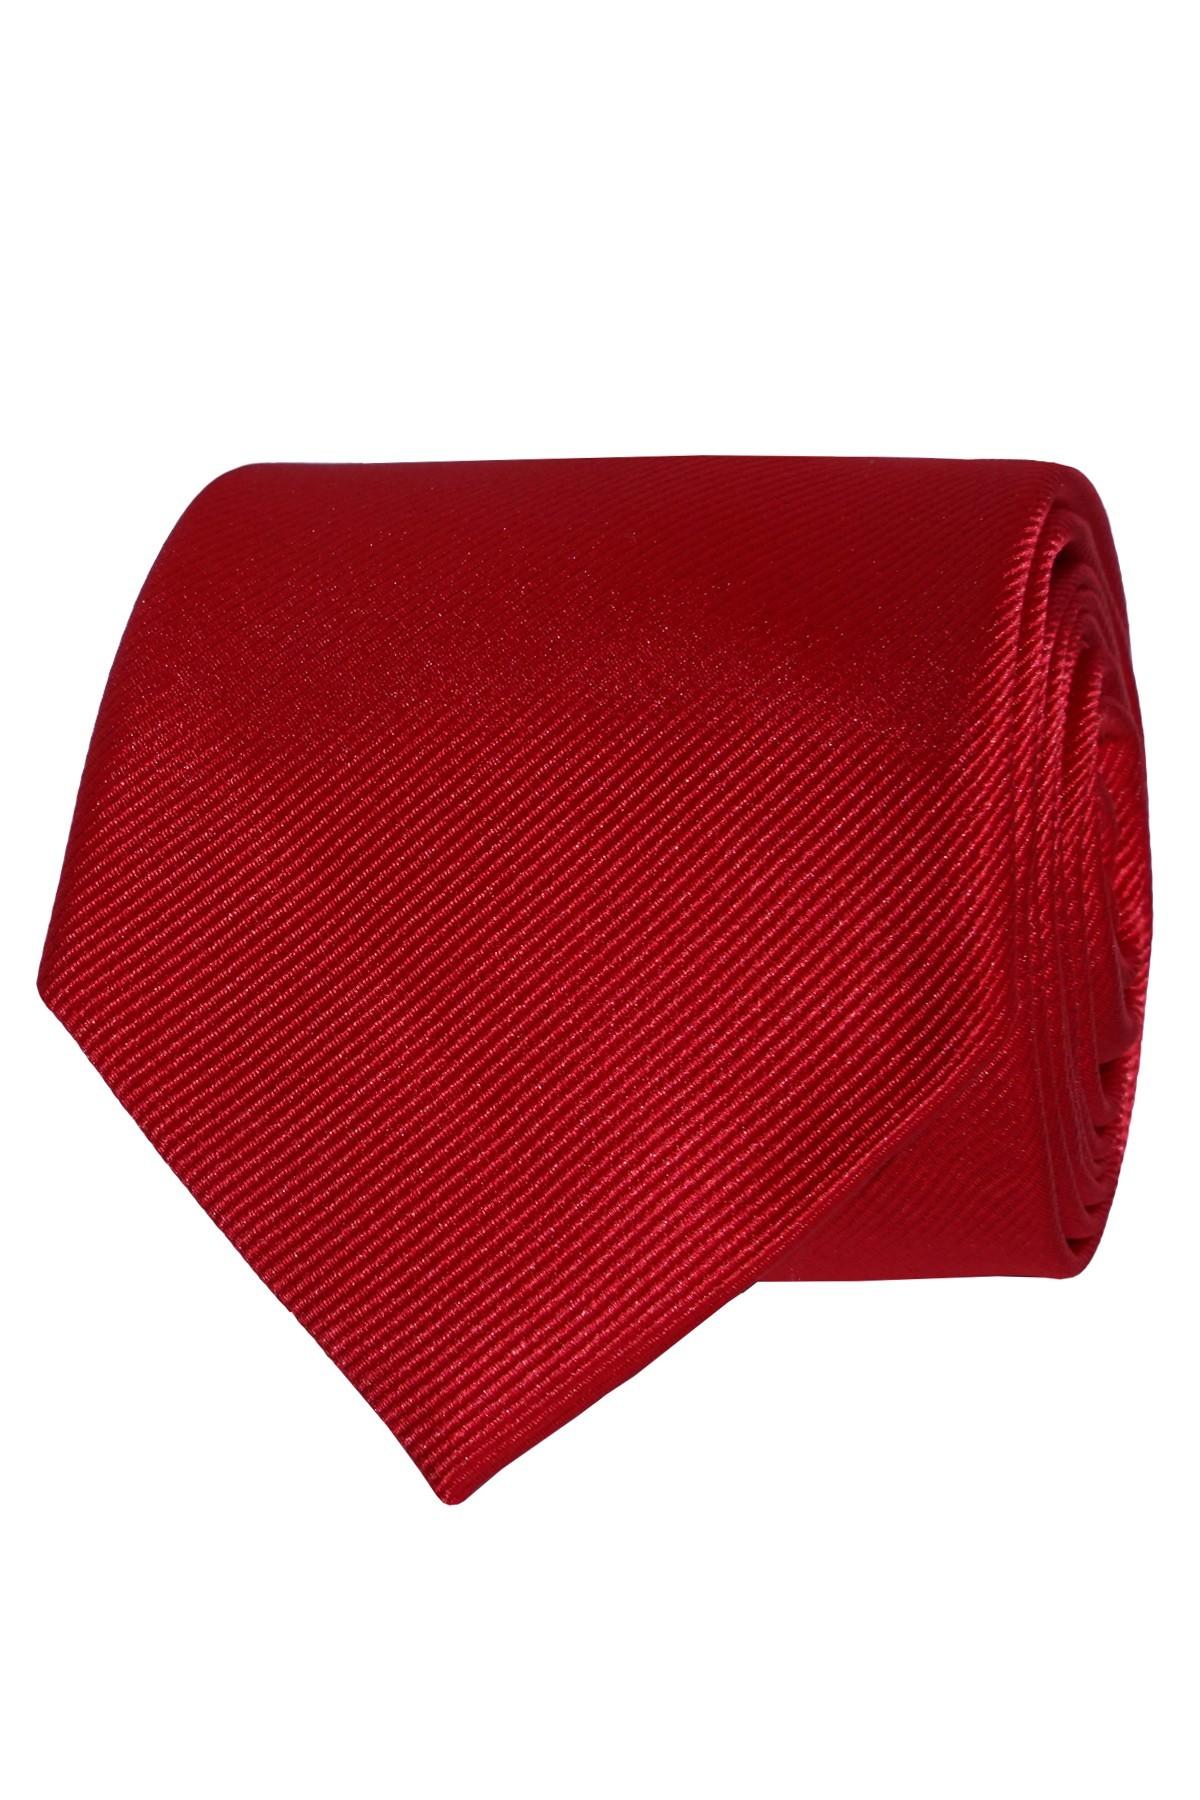 czerwony krawat męski gładki w prążek